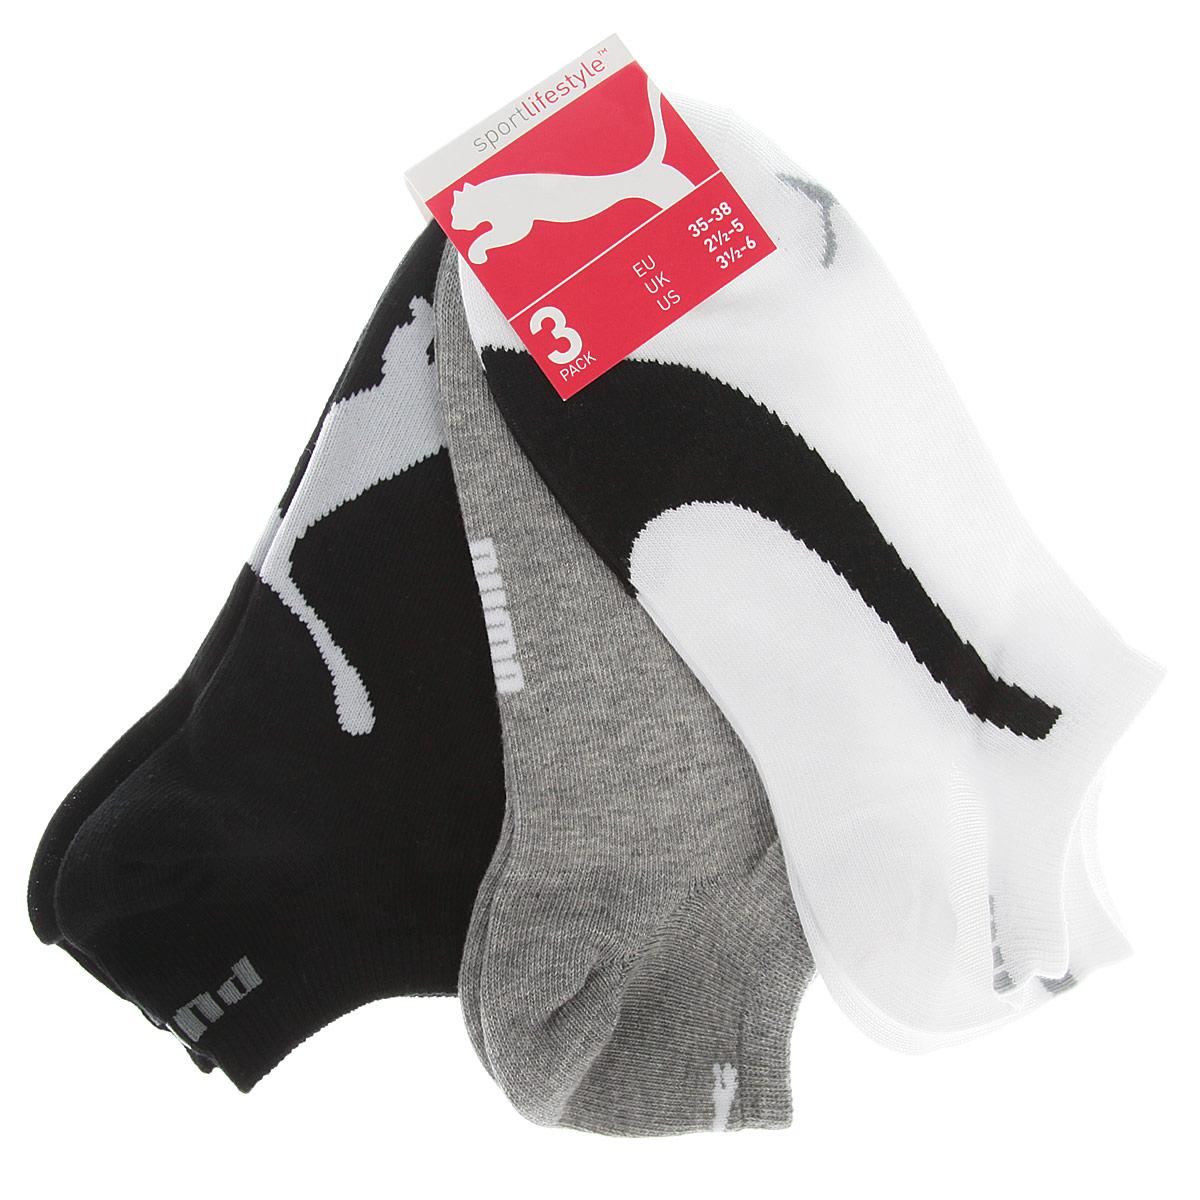 Носки унисекс Lifestyle Sneakers, 3 пары88641201Носки Puma Lifestyle Sneakers с укороченным паголенком изготовлены из хлопка с добавлением полиамида и эластана. Комфортная широкая резинка не сдавливает и облегает ногу. В комплект входят три пары носков, оформленных фирменным логотипом бренда.